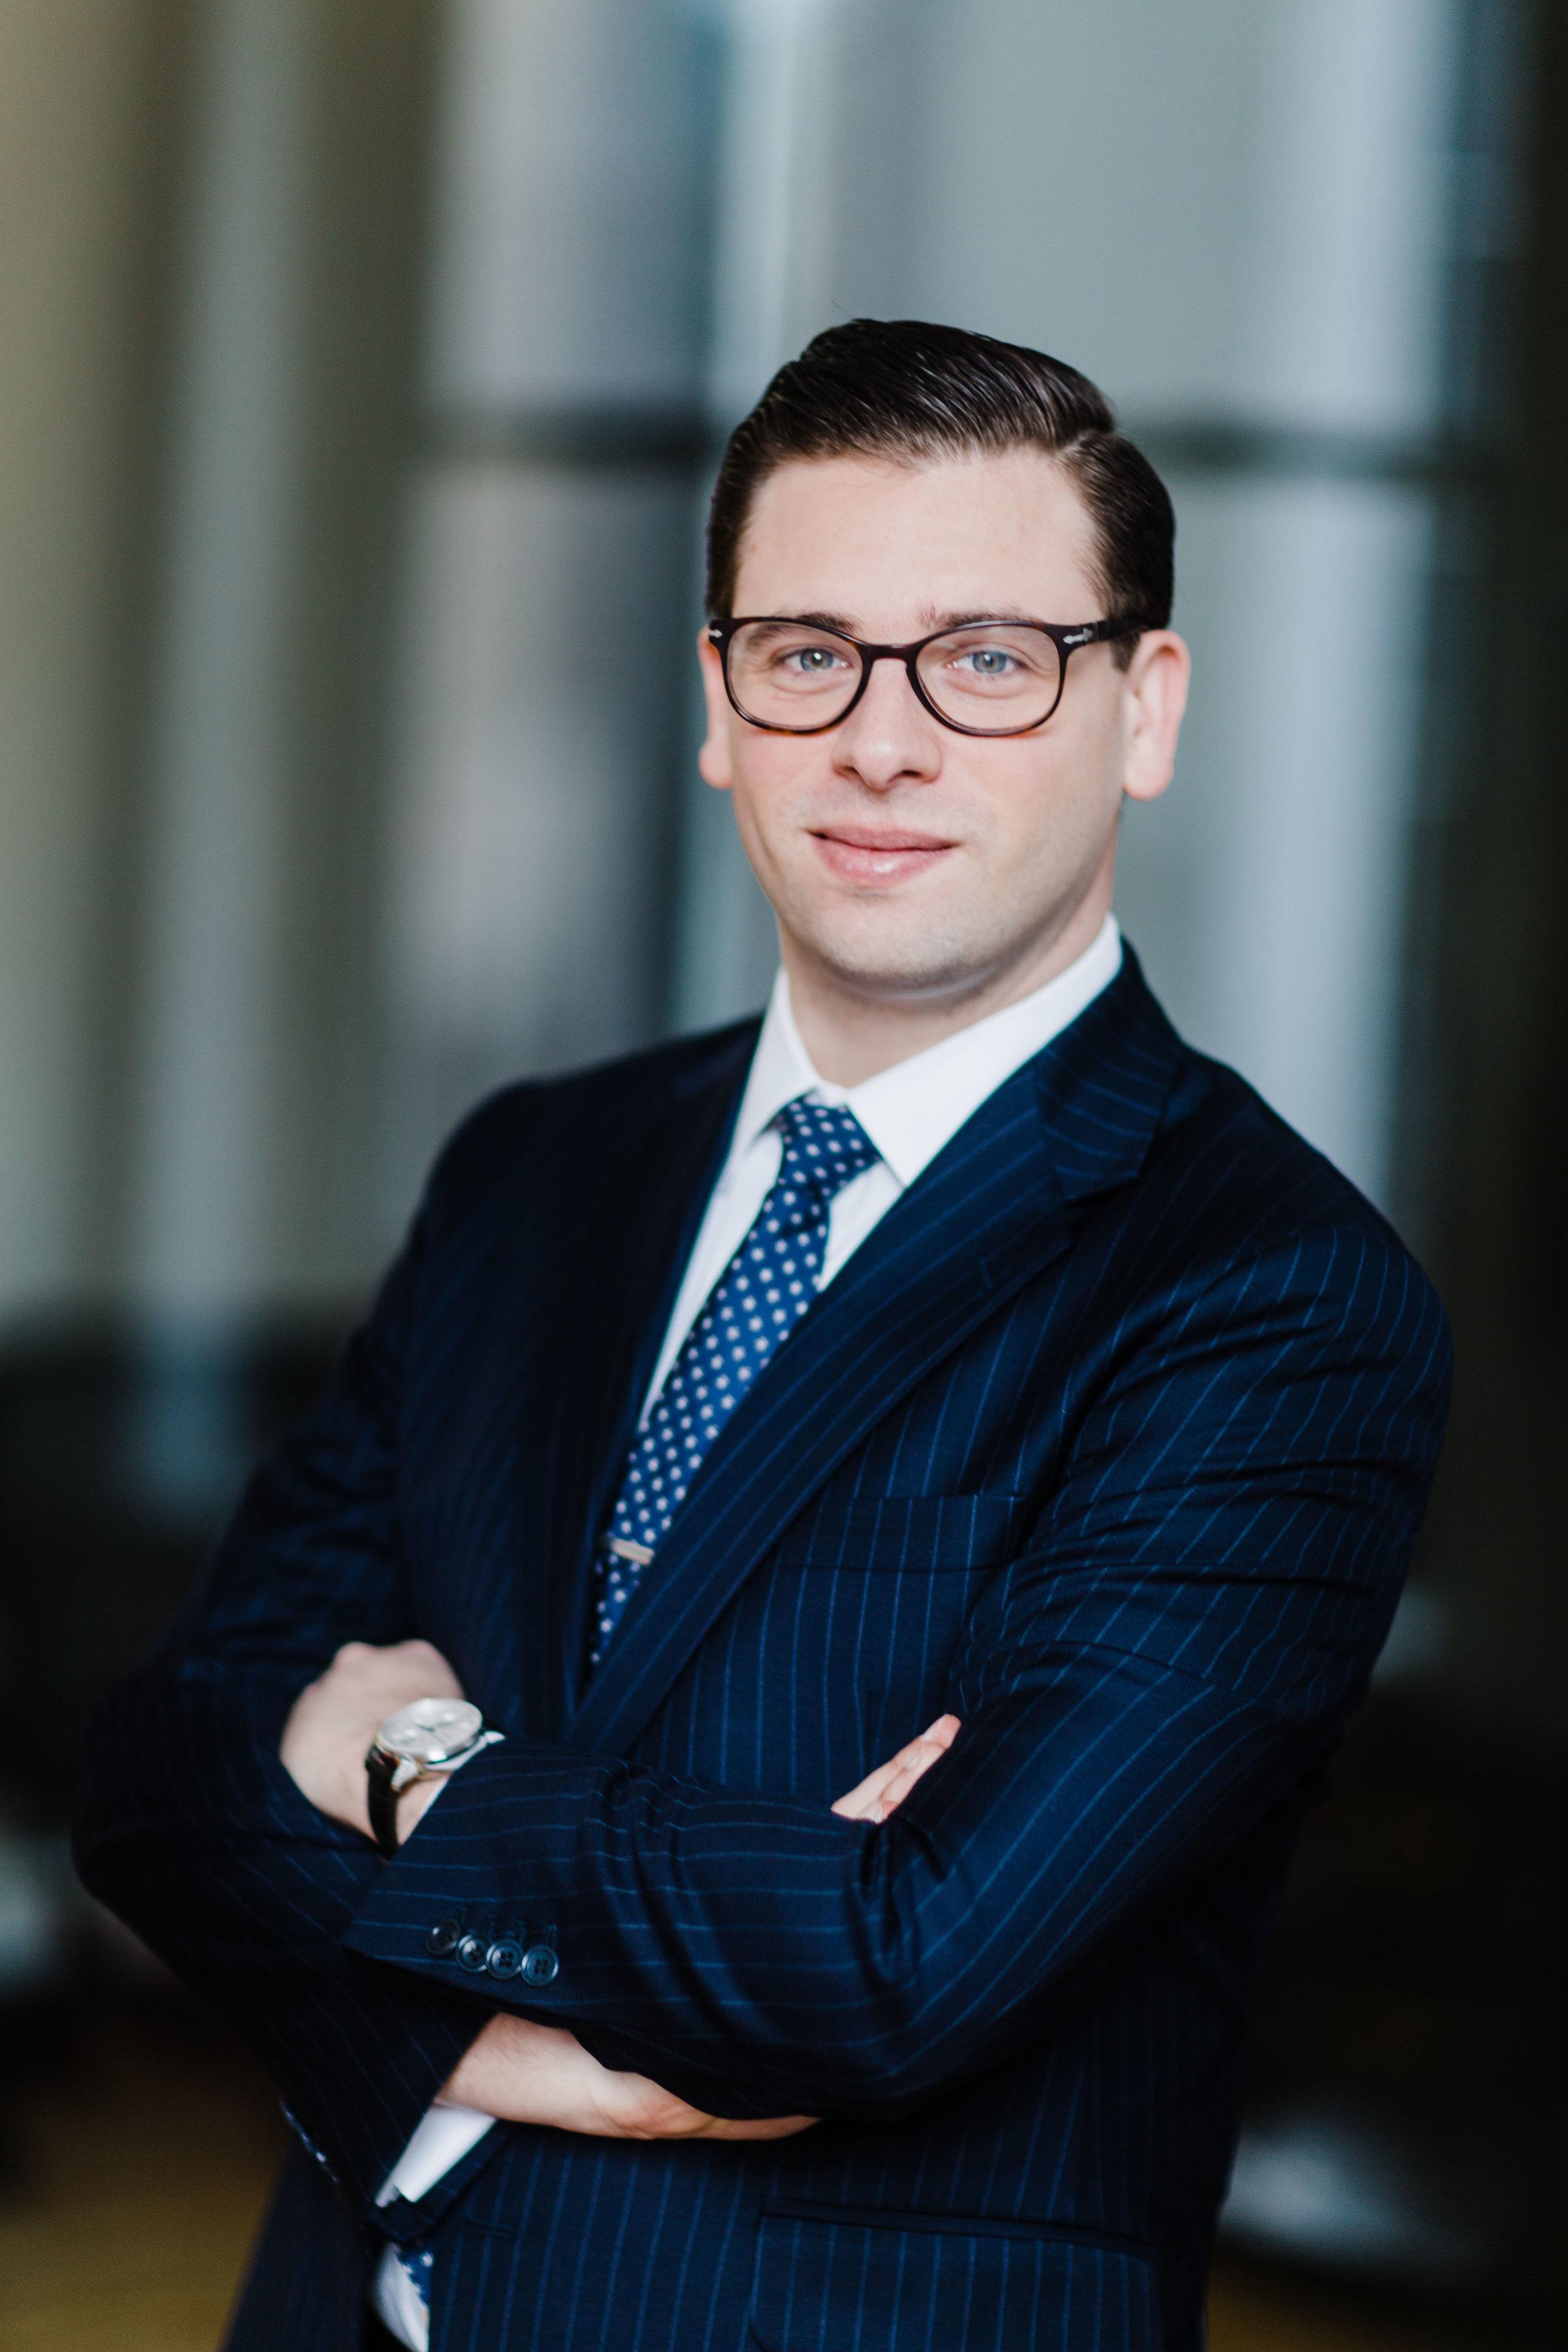 Jordan S. Savitsky